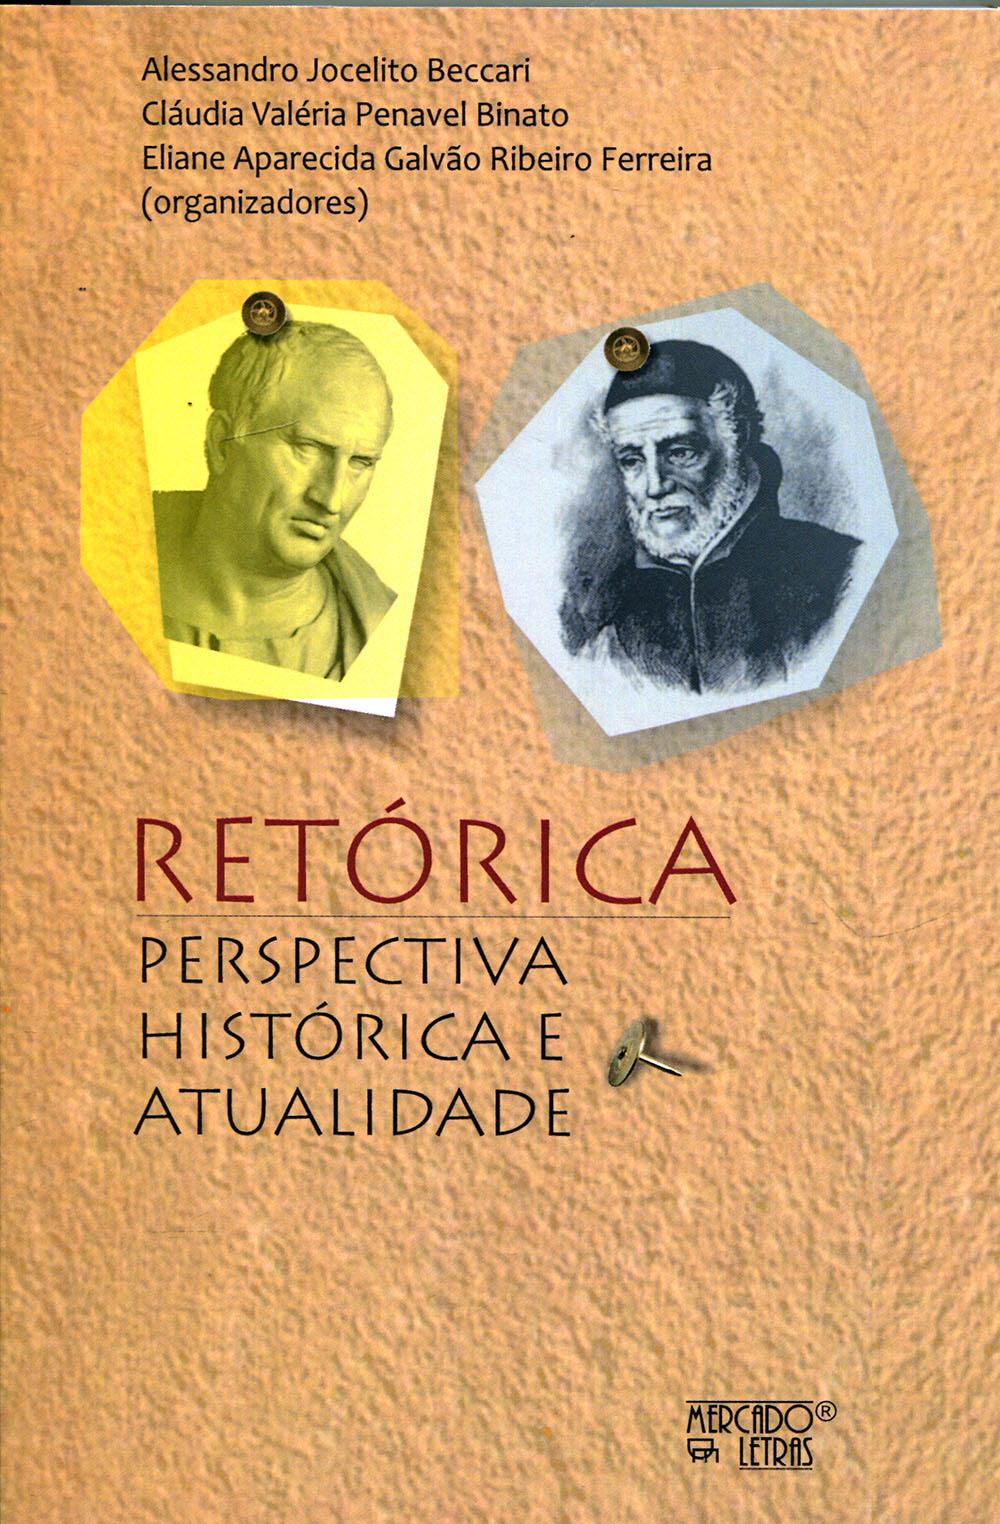 Retórica - perspectiva histórica e atualidade, livro de Alessandro Jocelito Beccari, Cláudia Valéria Penavel Binato e Eliane Aparecida Galvão Ribeiro Ferreira